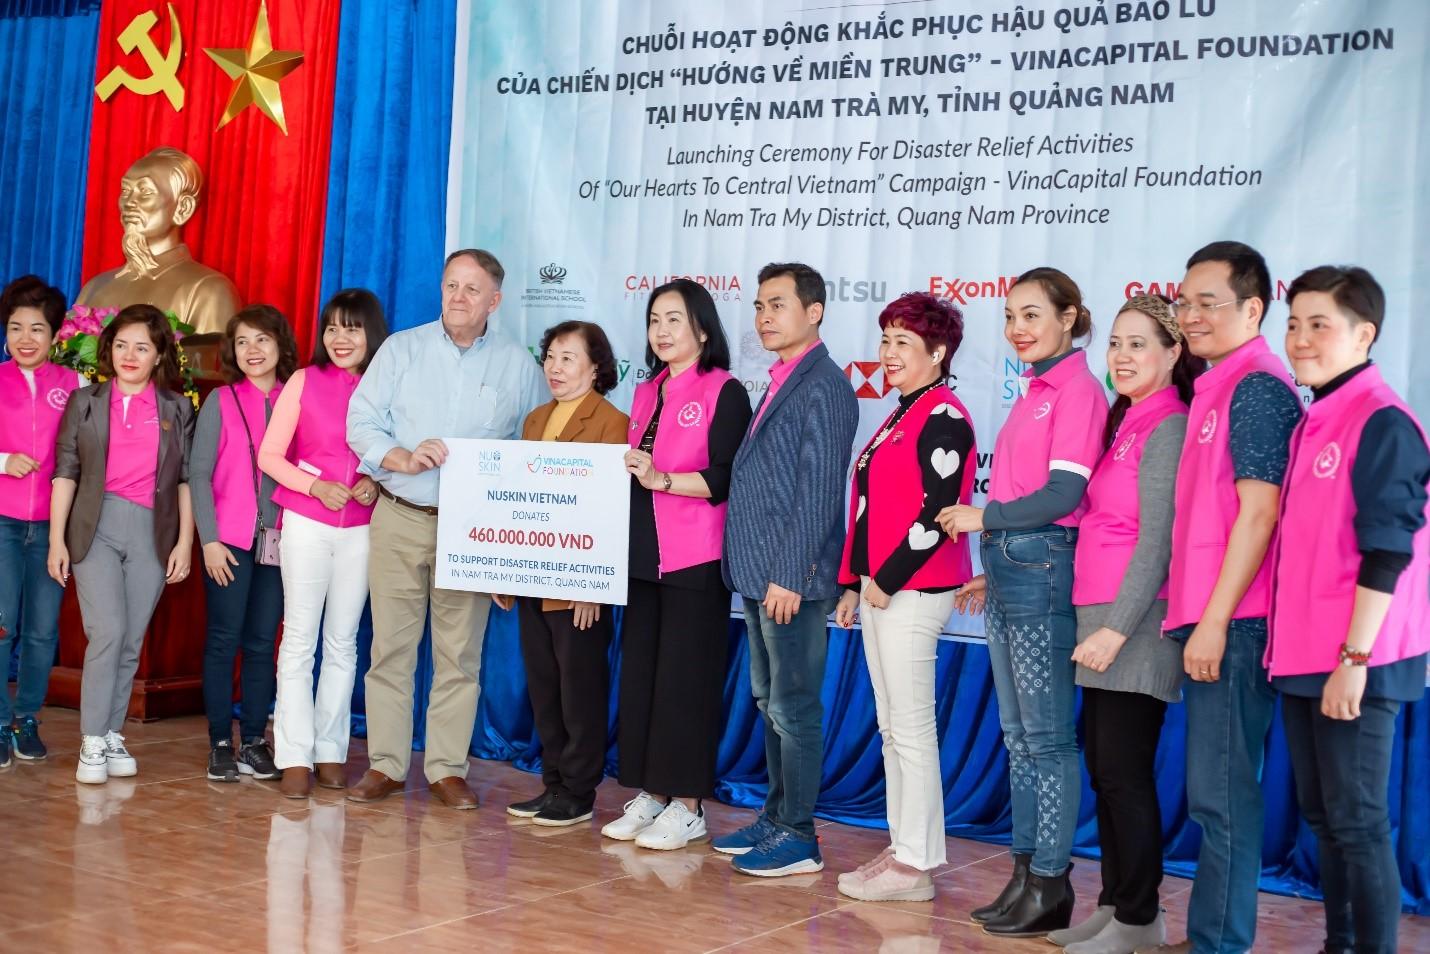 Bà Ong-ea Panaudomsin - Tổng giám đốc Nu Skin Việt Nam cùng các nhà phân phối trao tài trợ cho chương trình. Ảnh: Nu Skin Việt Nam.